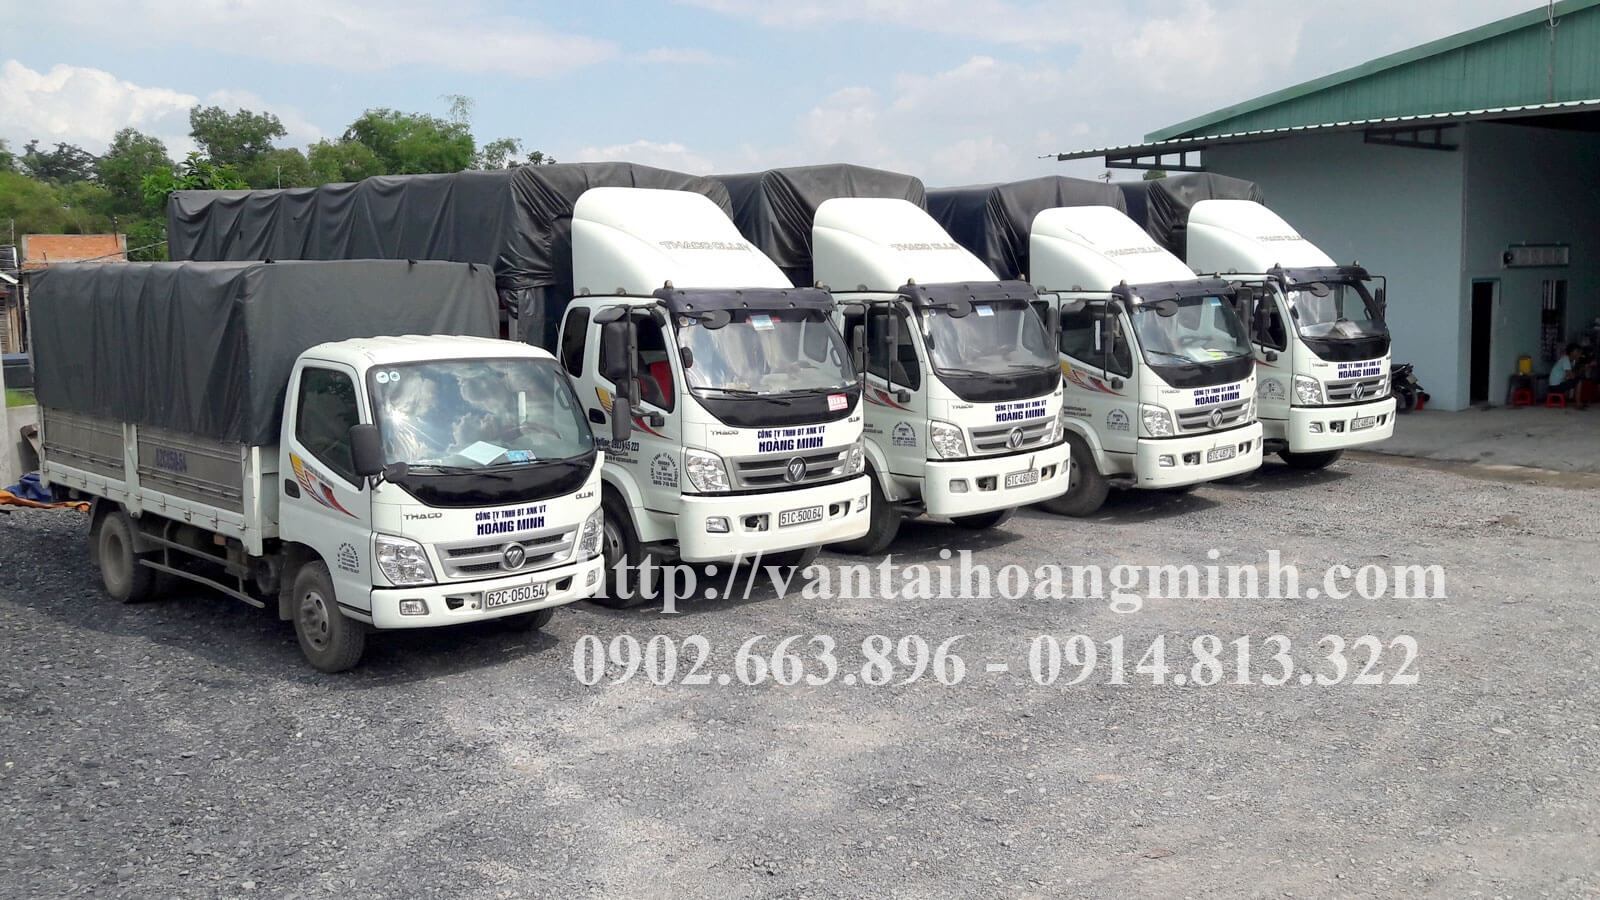 xe tải chở thuê hoàng minh